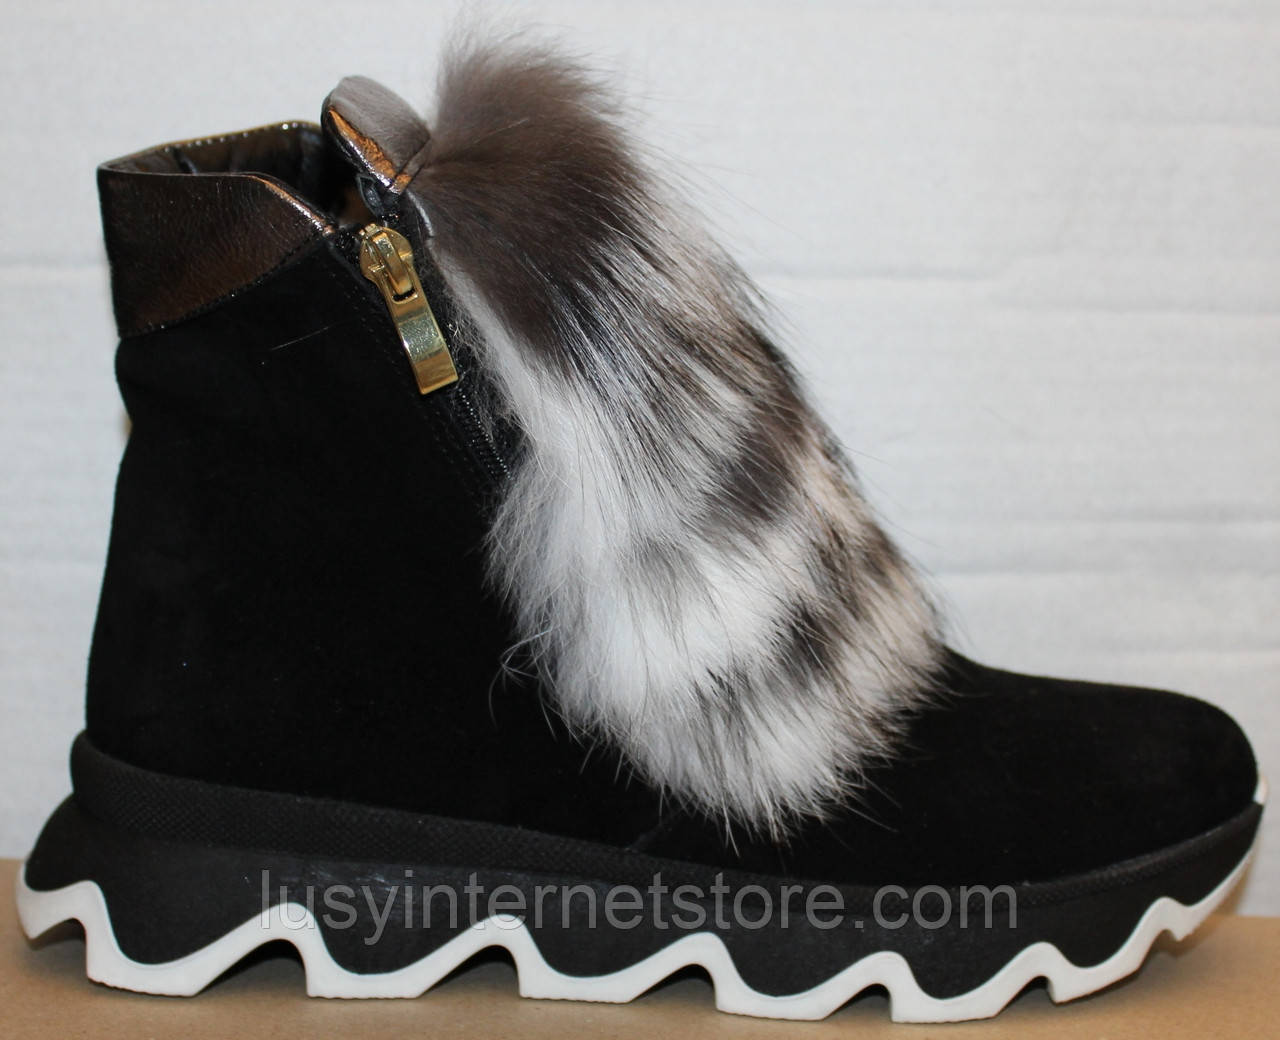 Ботинки молодежные женские с натуральным мехом от производителя модель УН433-1